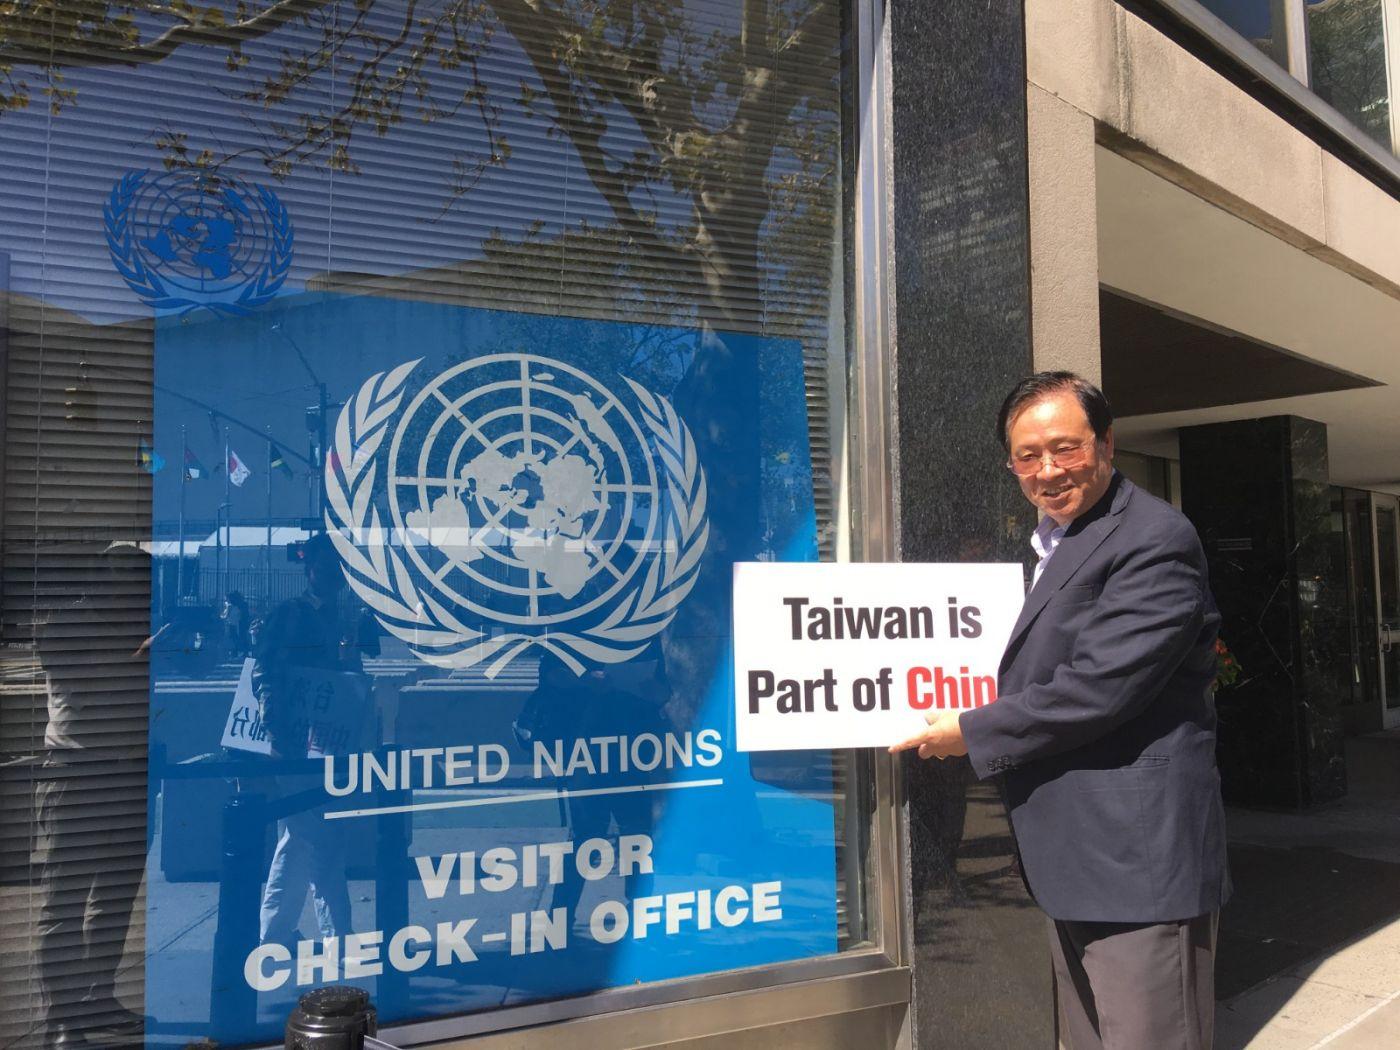 美國連江公會等坚决反对任何形式的台独言行_图1-15